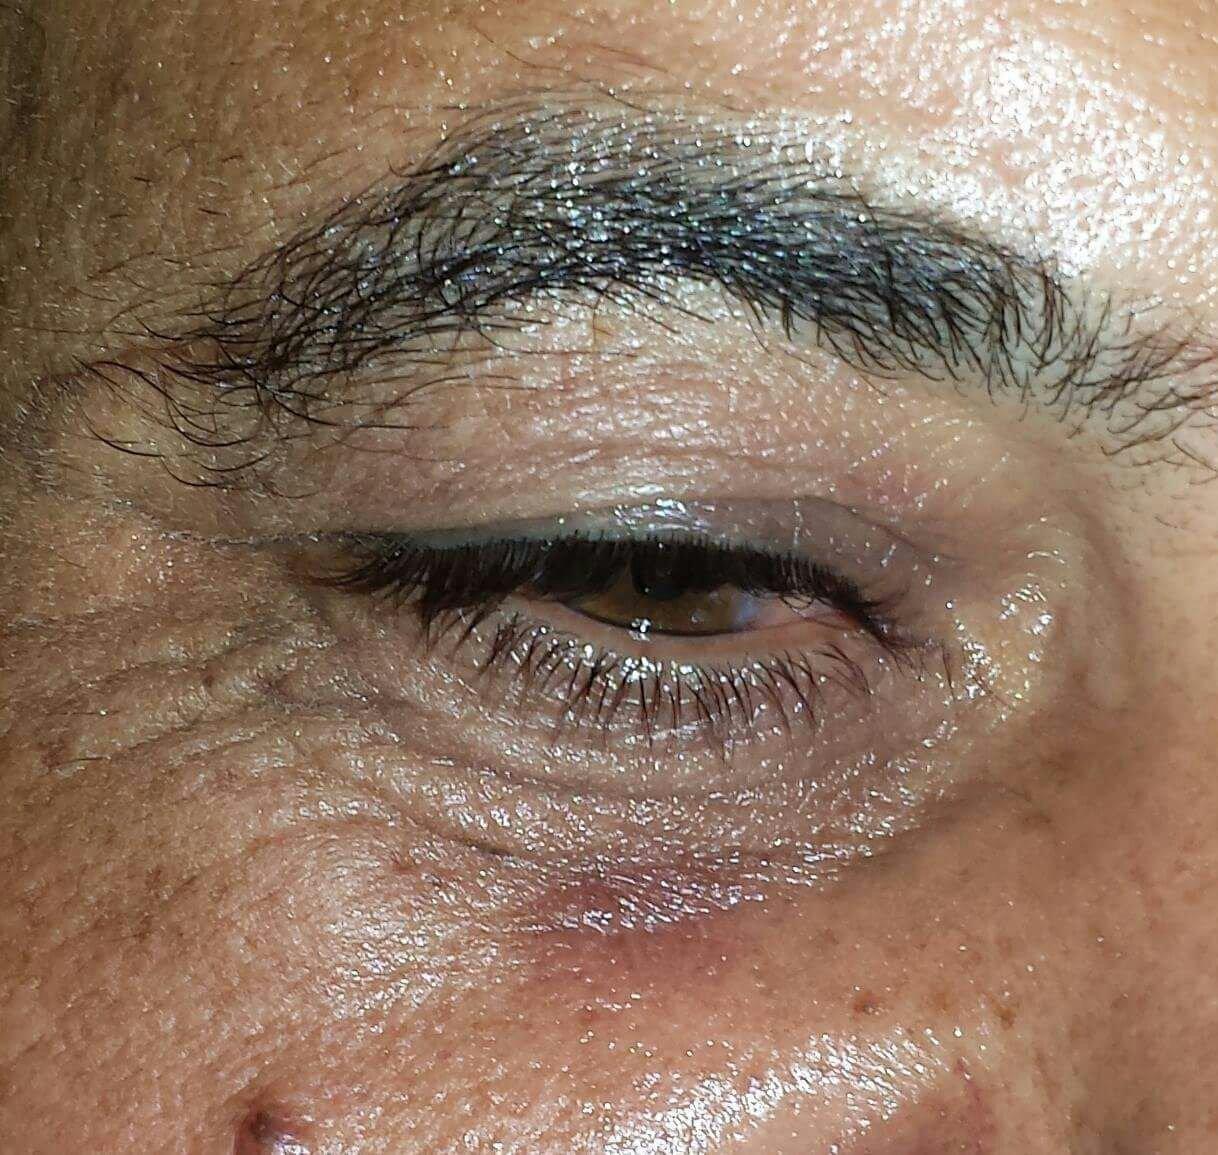 Dettaglio di un occhio